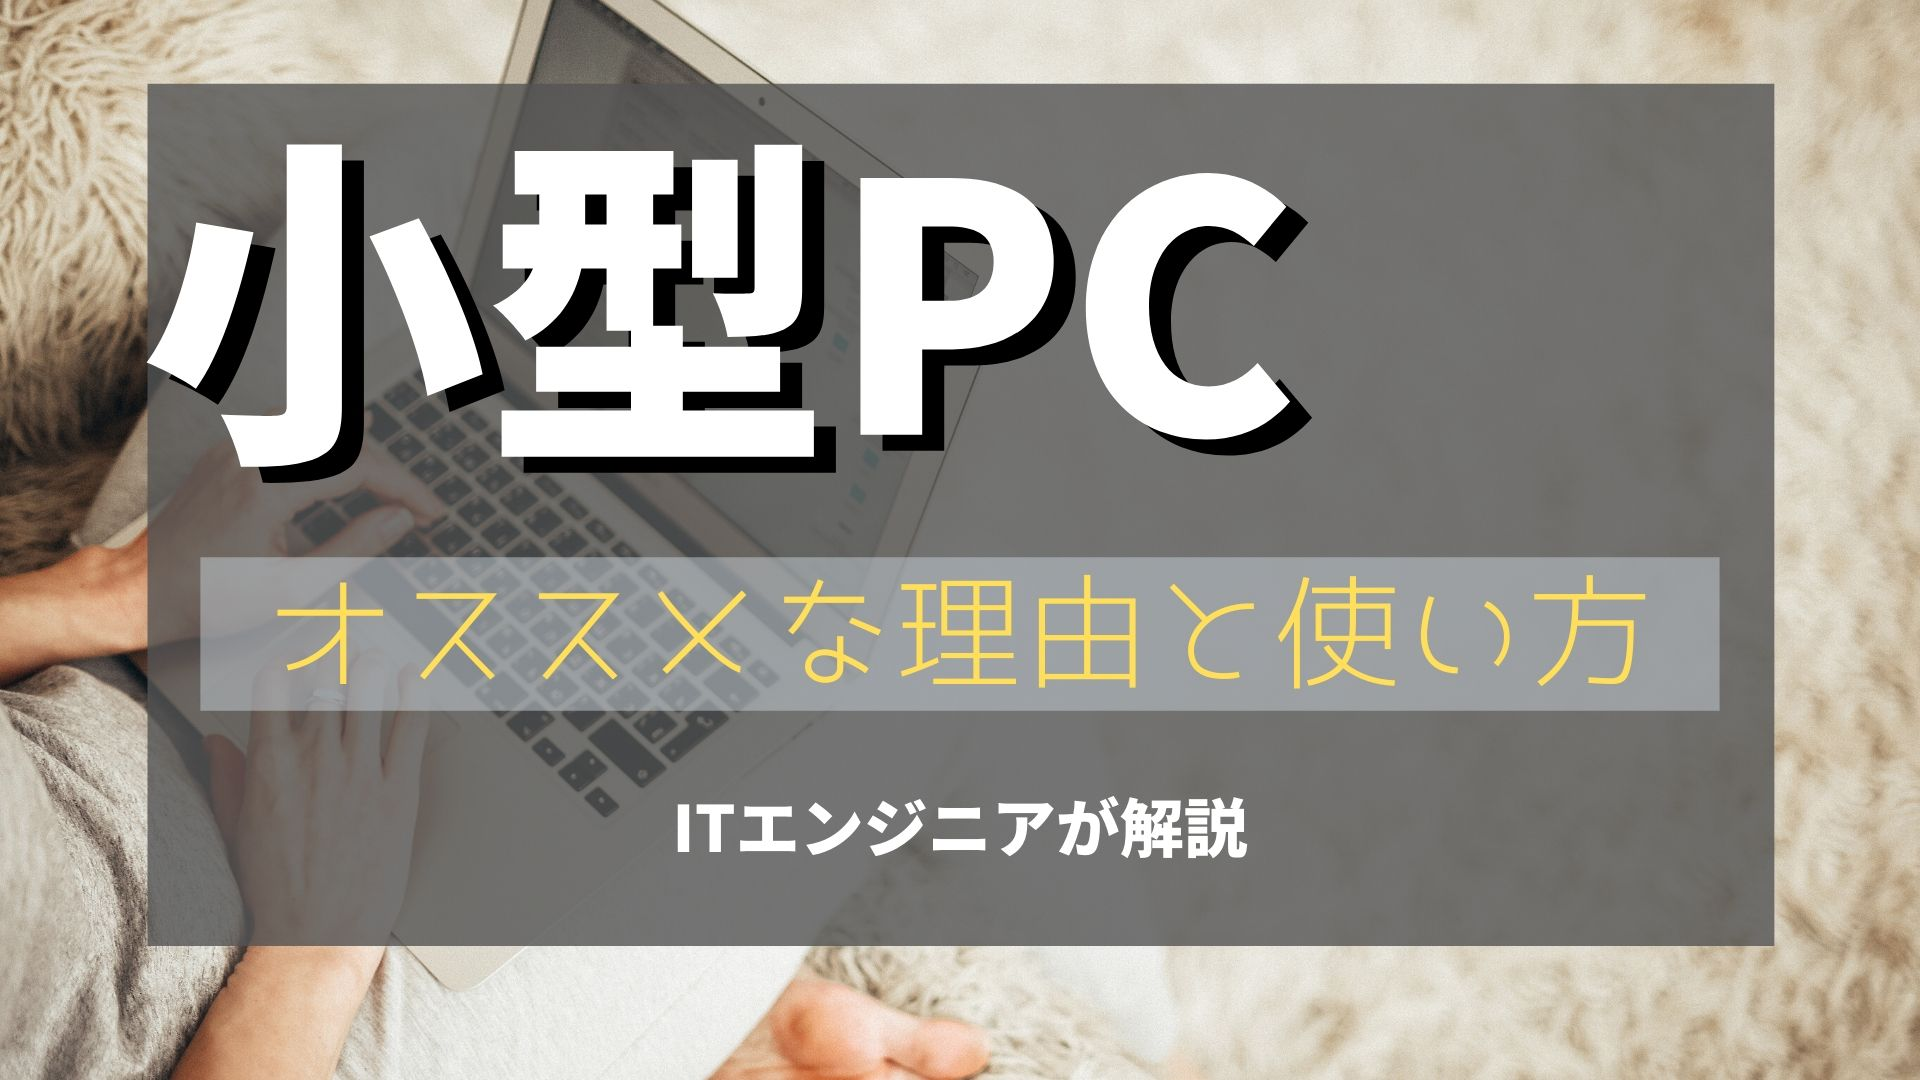 小型PCは便利でオススメな理由(ITエンジニアが解説)